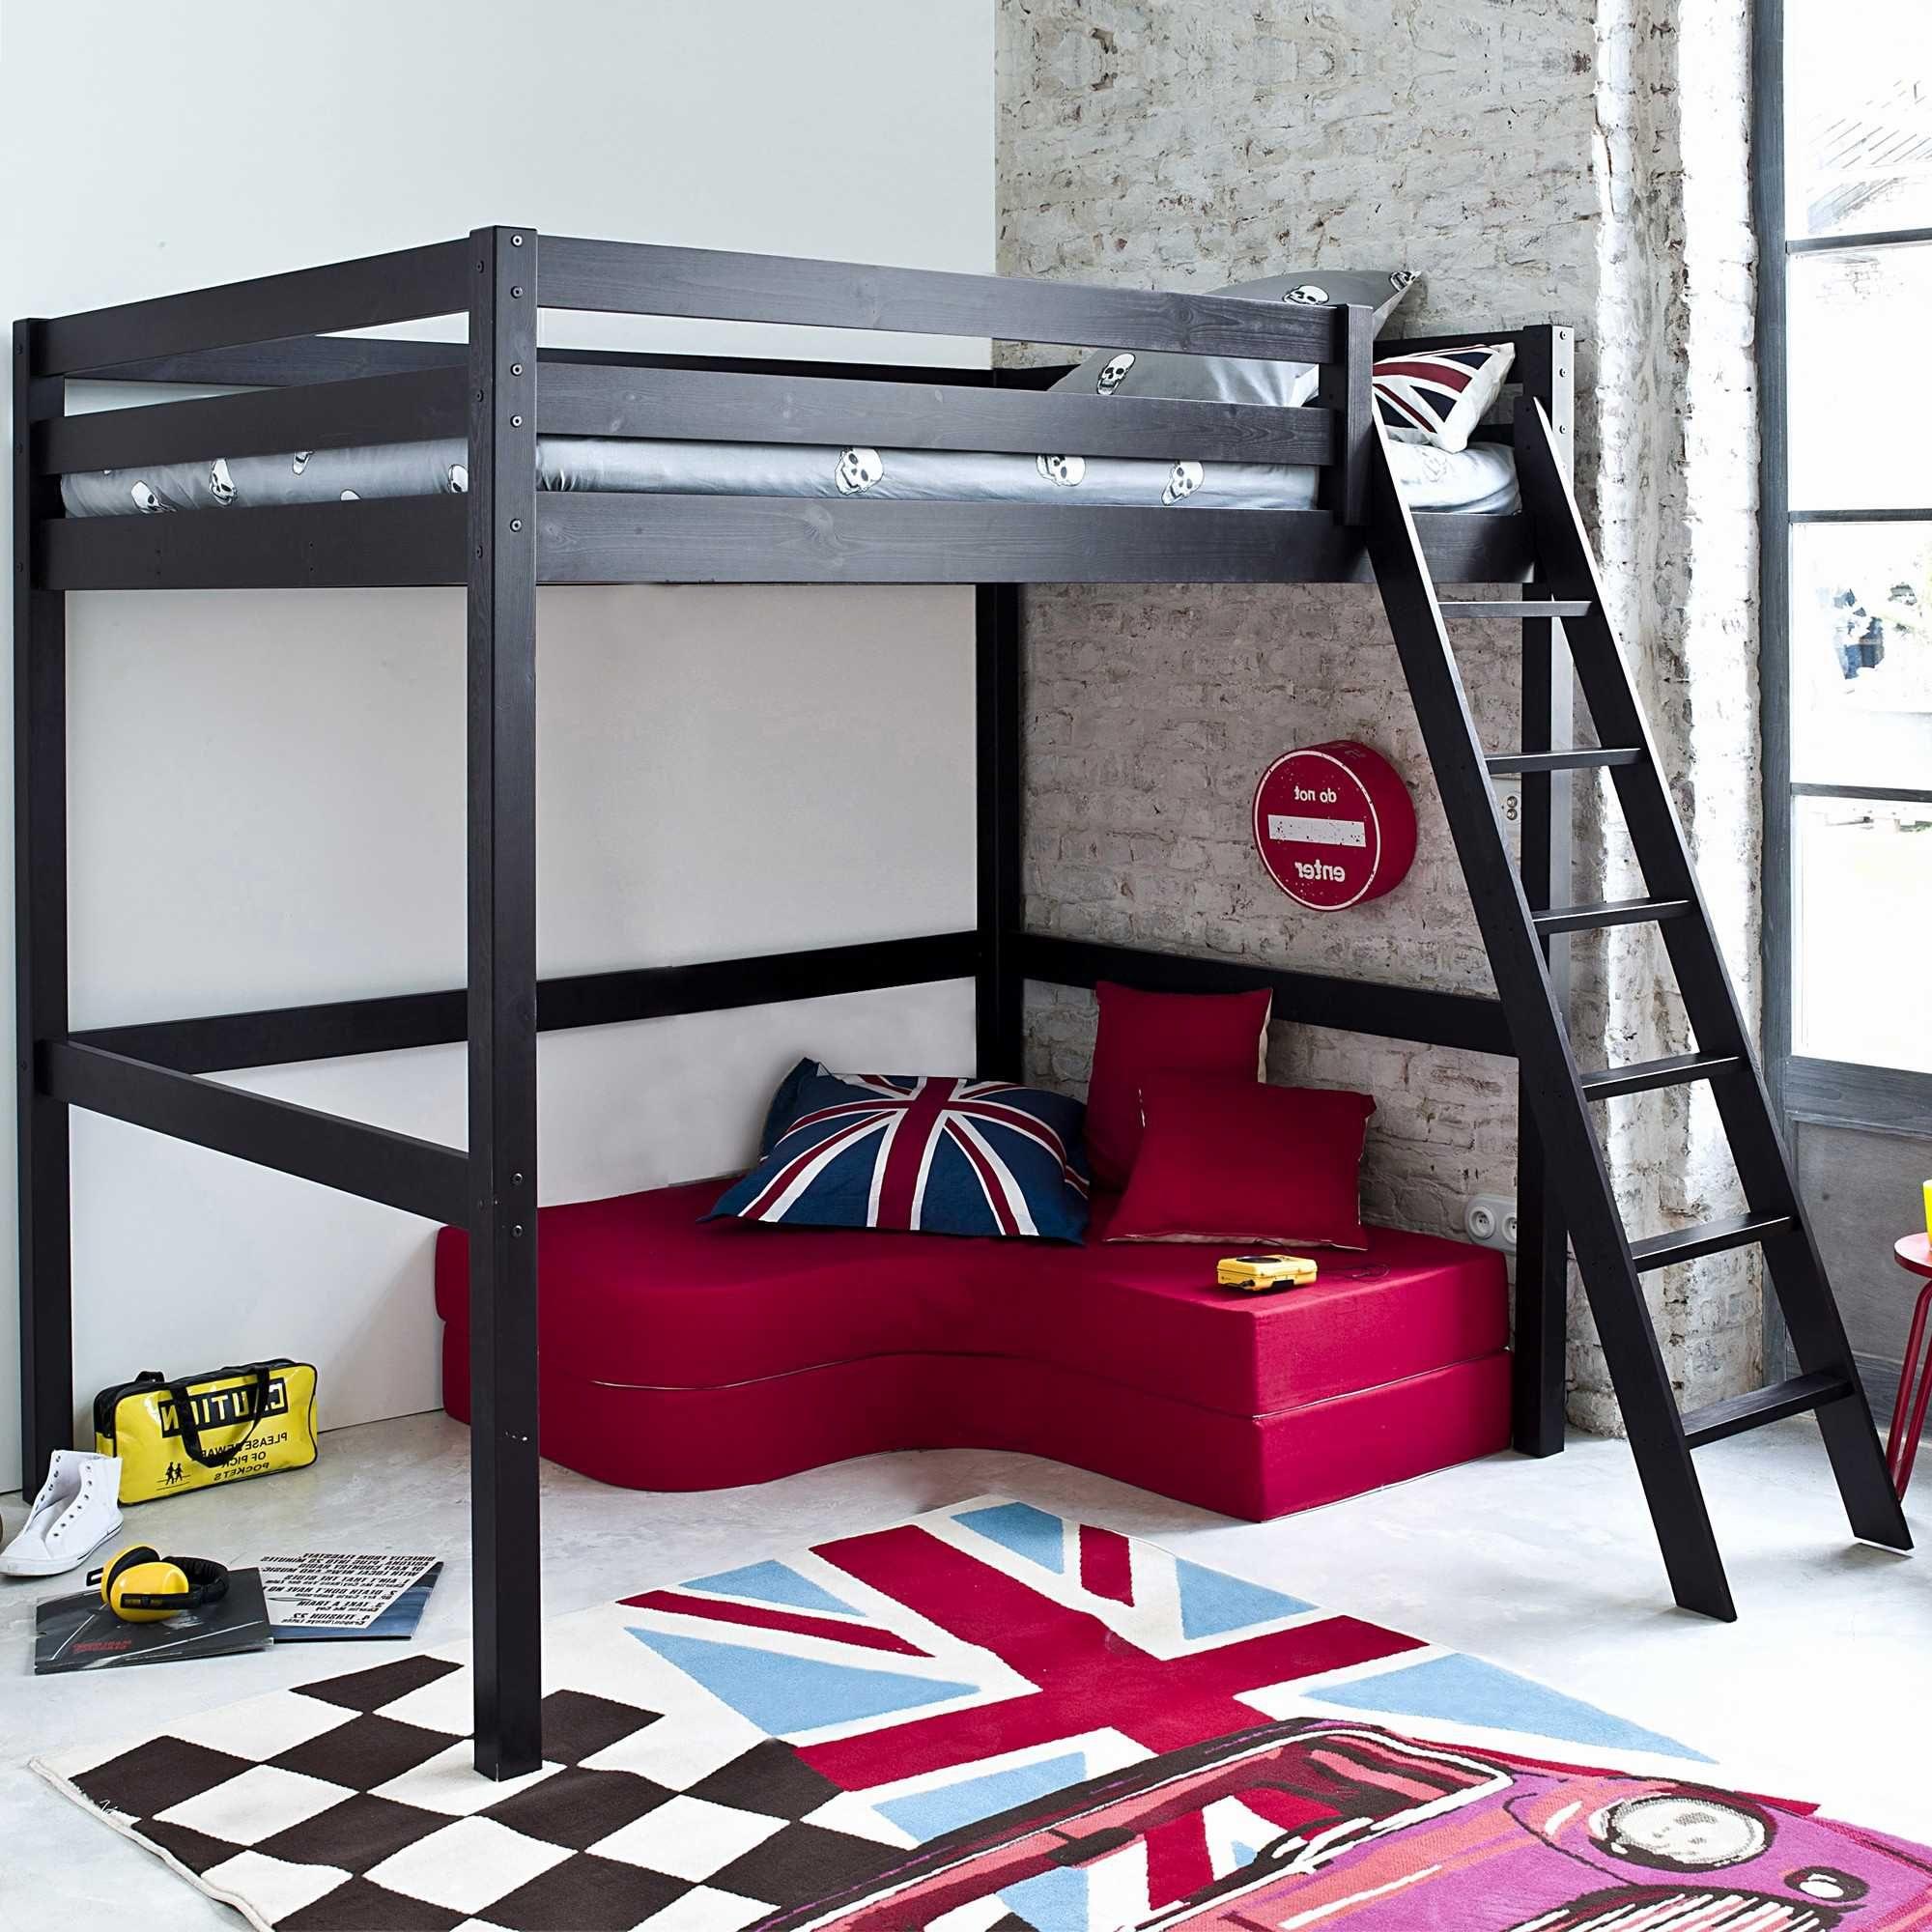 Lit Superposé 2 Places Fraîche Séduisant Chambre Enfant Lit Superposé Ou Lit Biné Armoire Fresh Lit